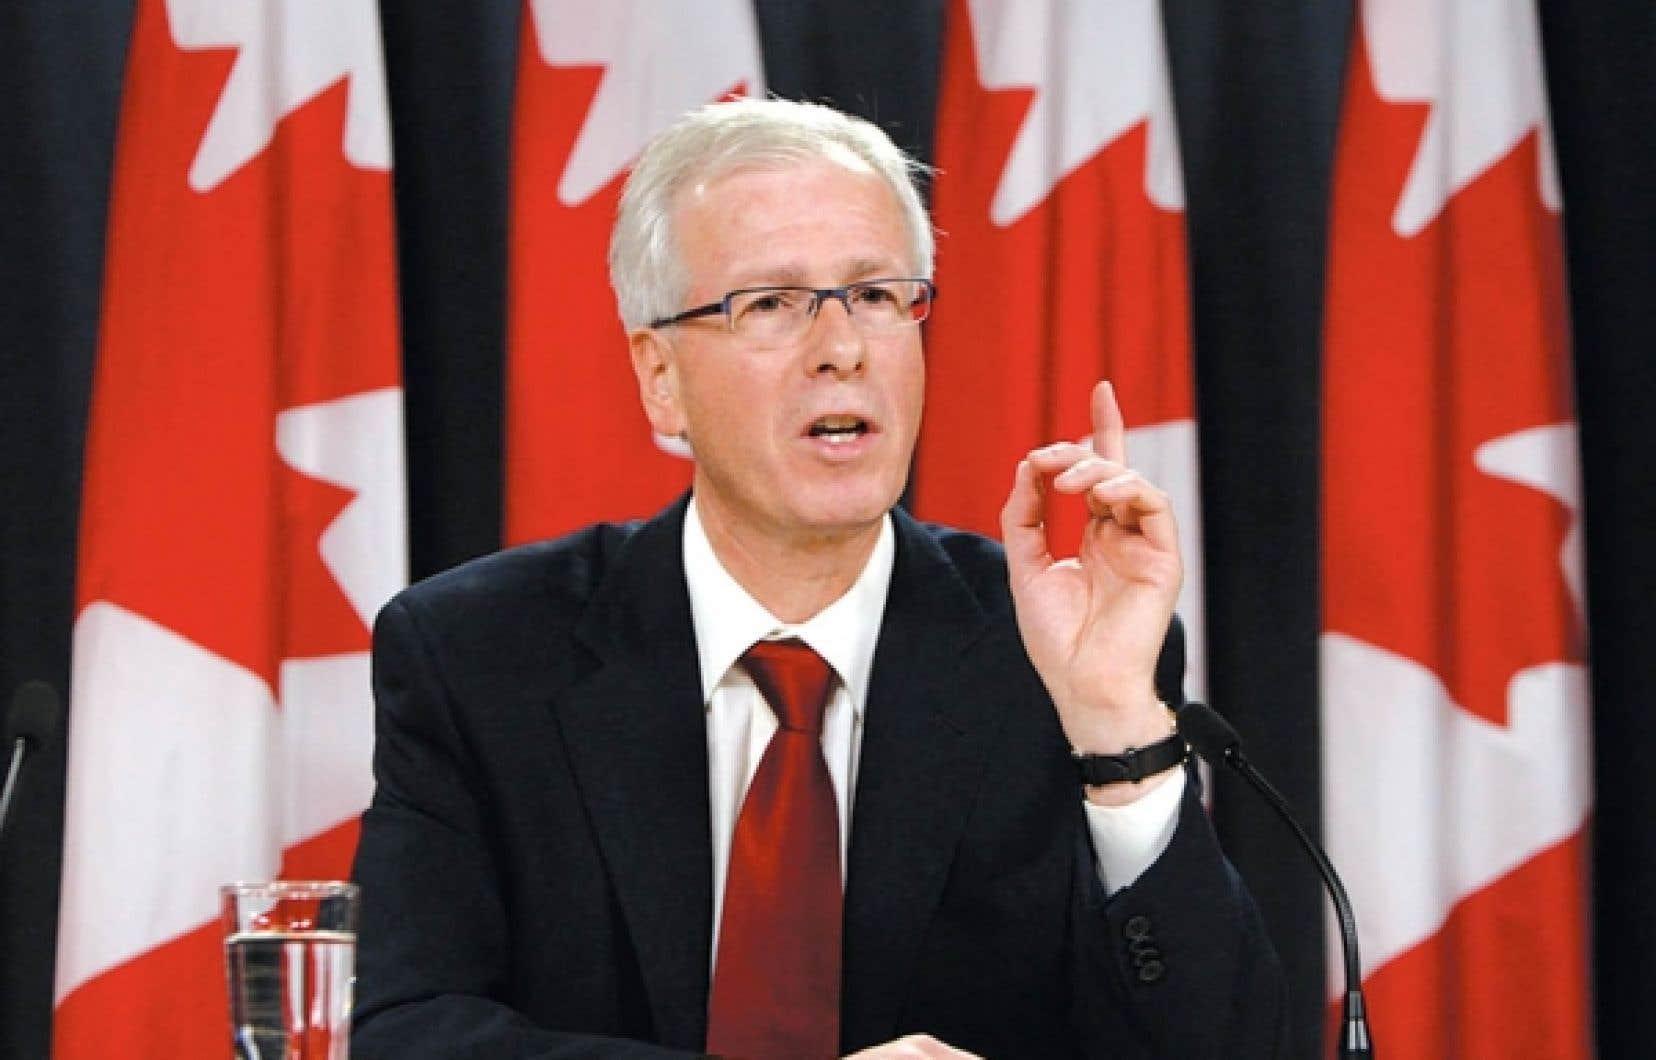 Député fédéral de la circonscription de Saint-Laurent, Stéphane Dion a succédé à Paul Martin à titre de chef du Parti libéral du Canada de décembre 2006 à décembre 2008.<br />